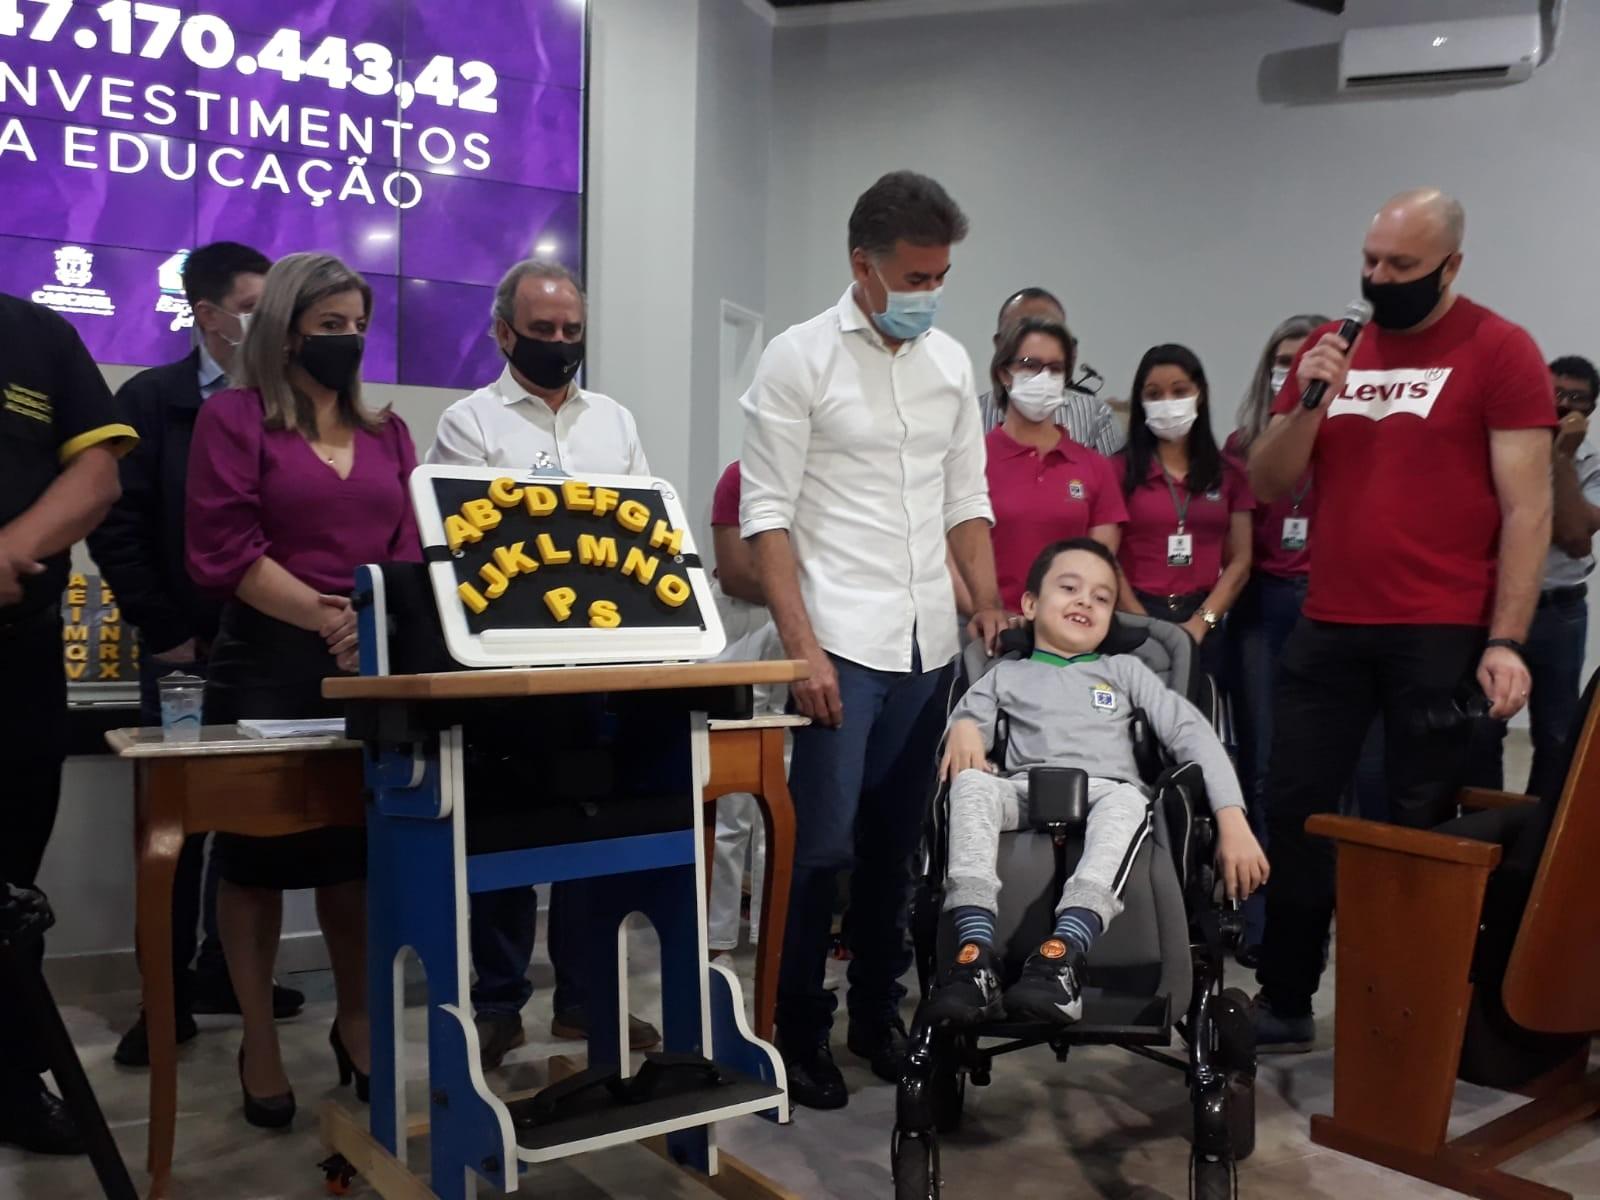 Reconhecimento facial vai registrar entrada de alunos nas escolas da rede municipal